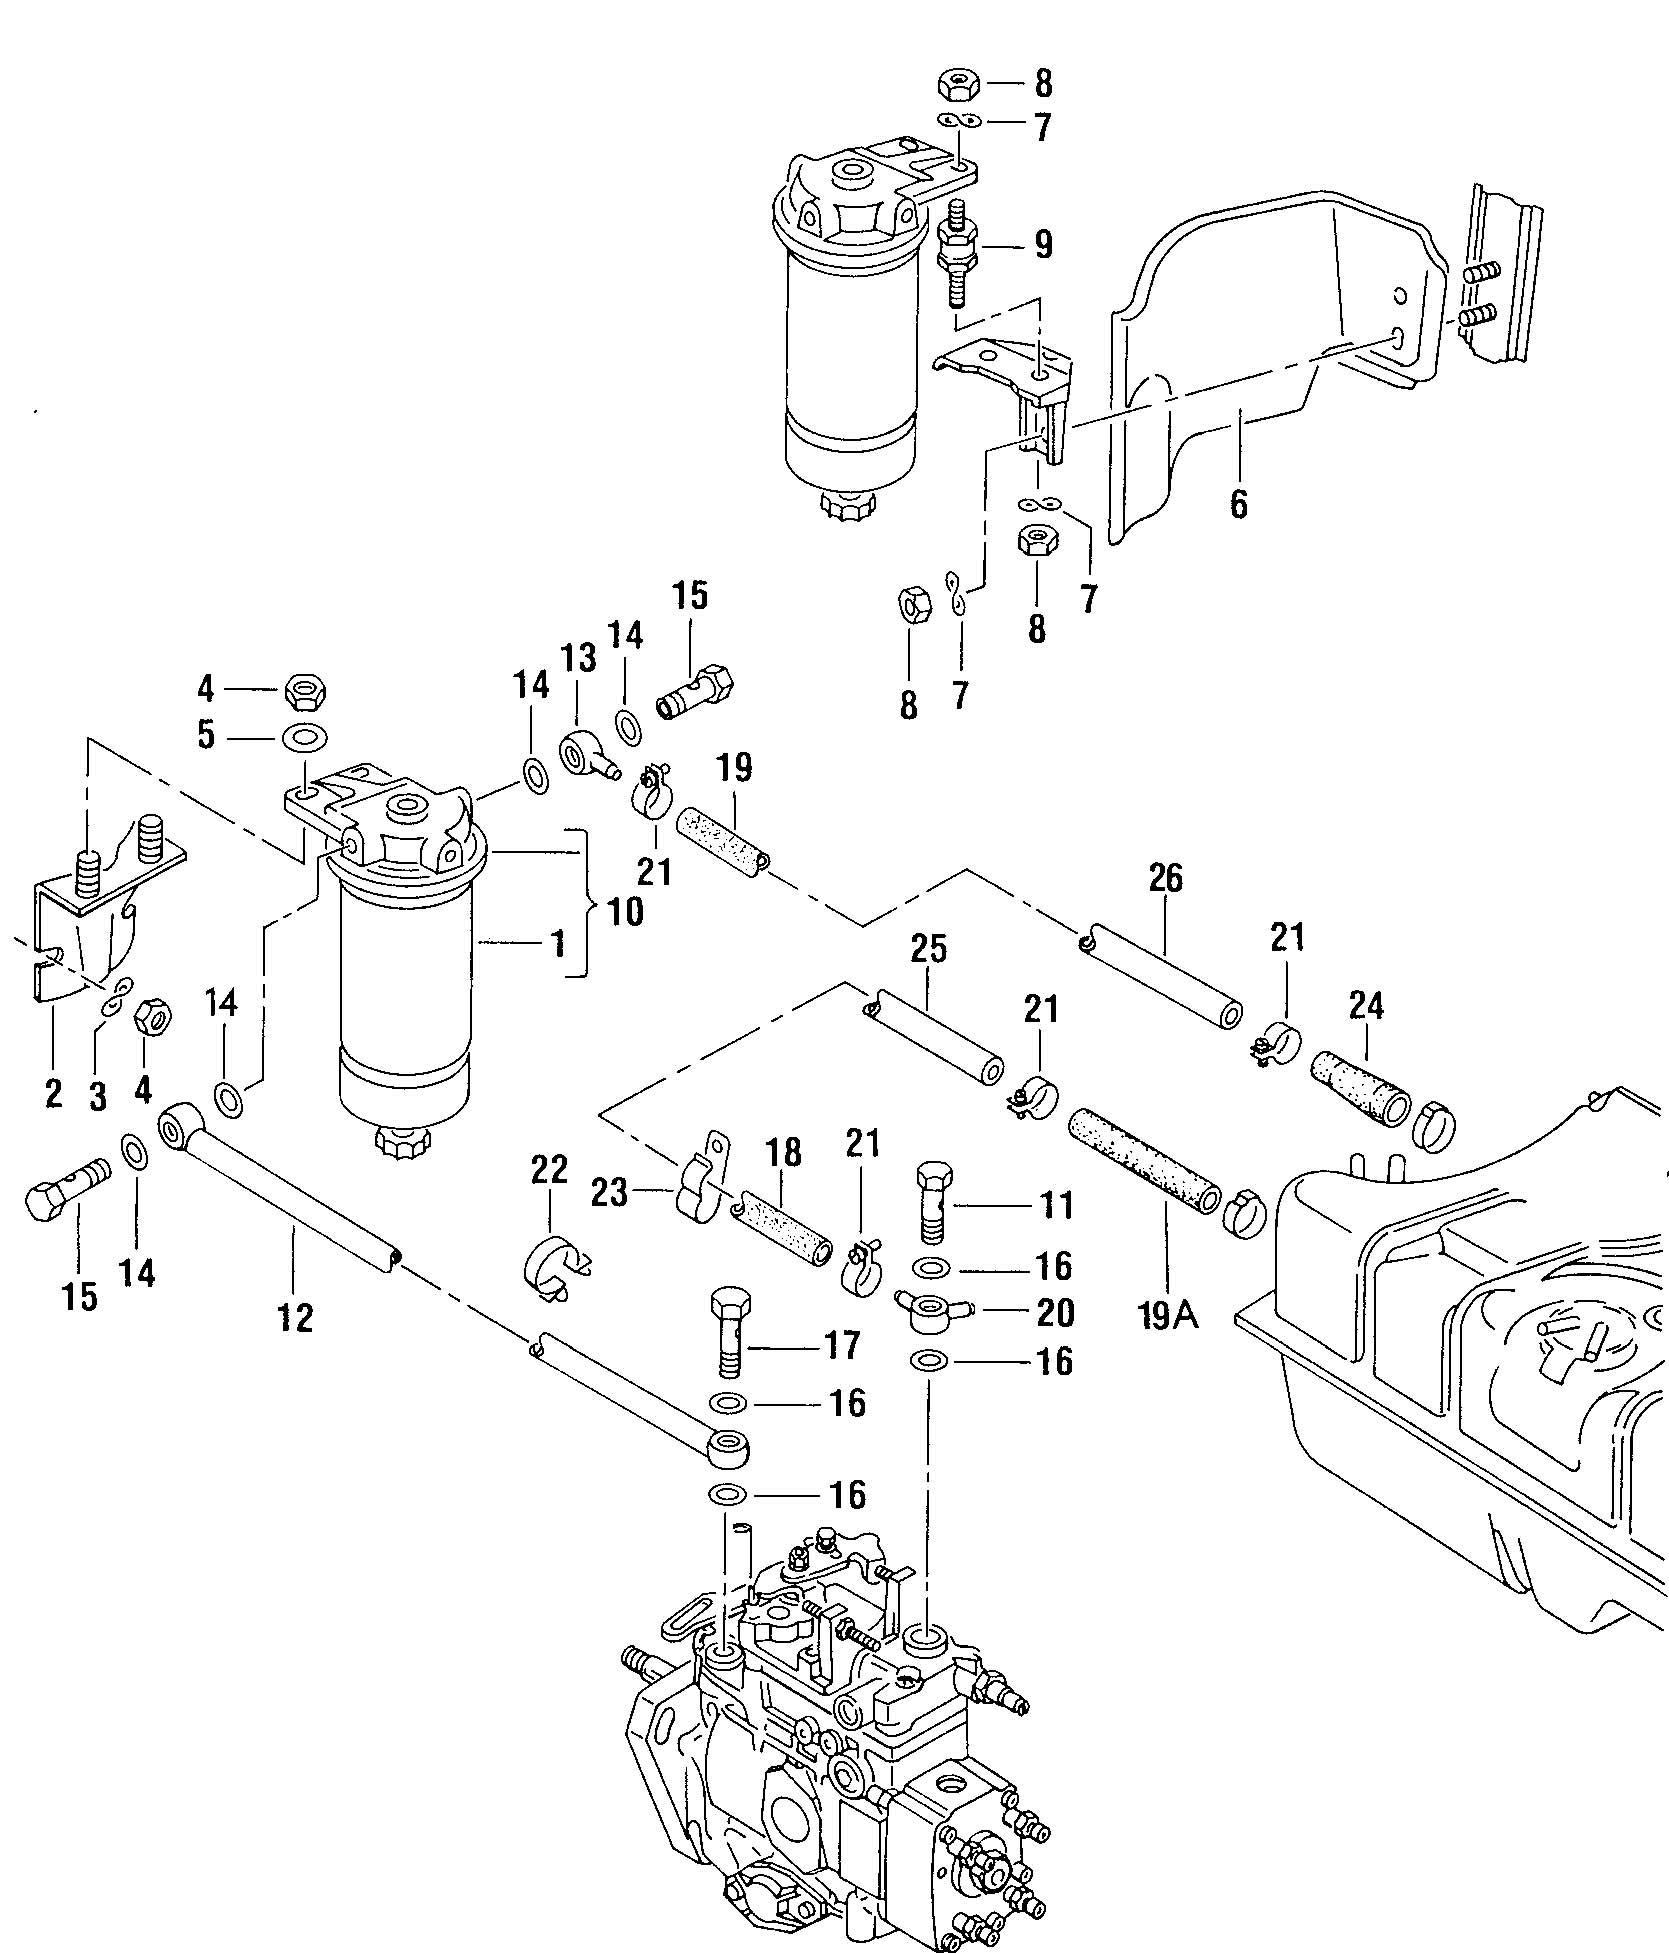 1998 vw beetle wiring diagram